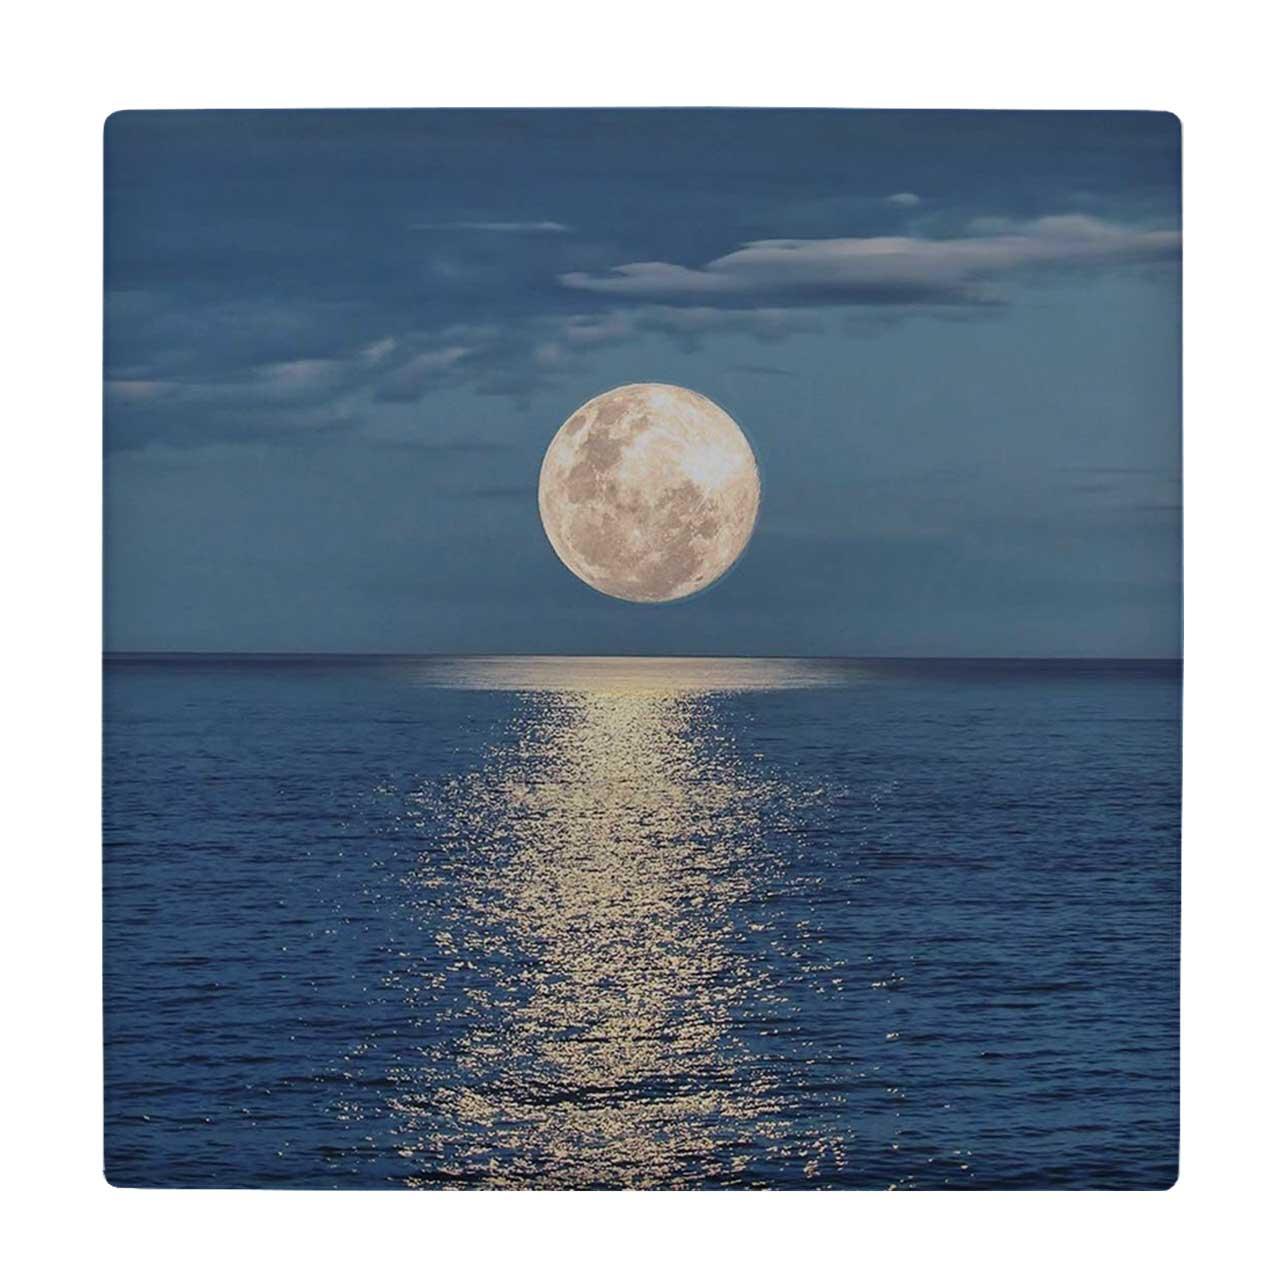 خرید                                         کاشی طرح ماه و دریا کد wk3041